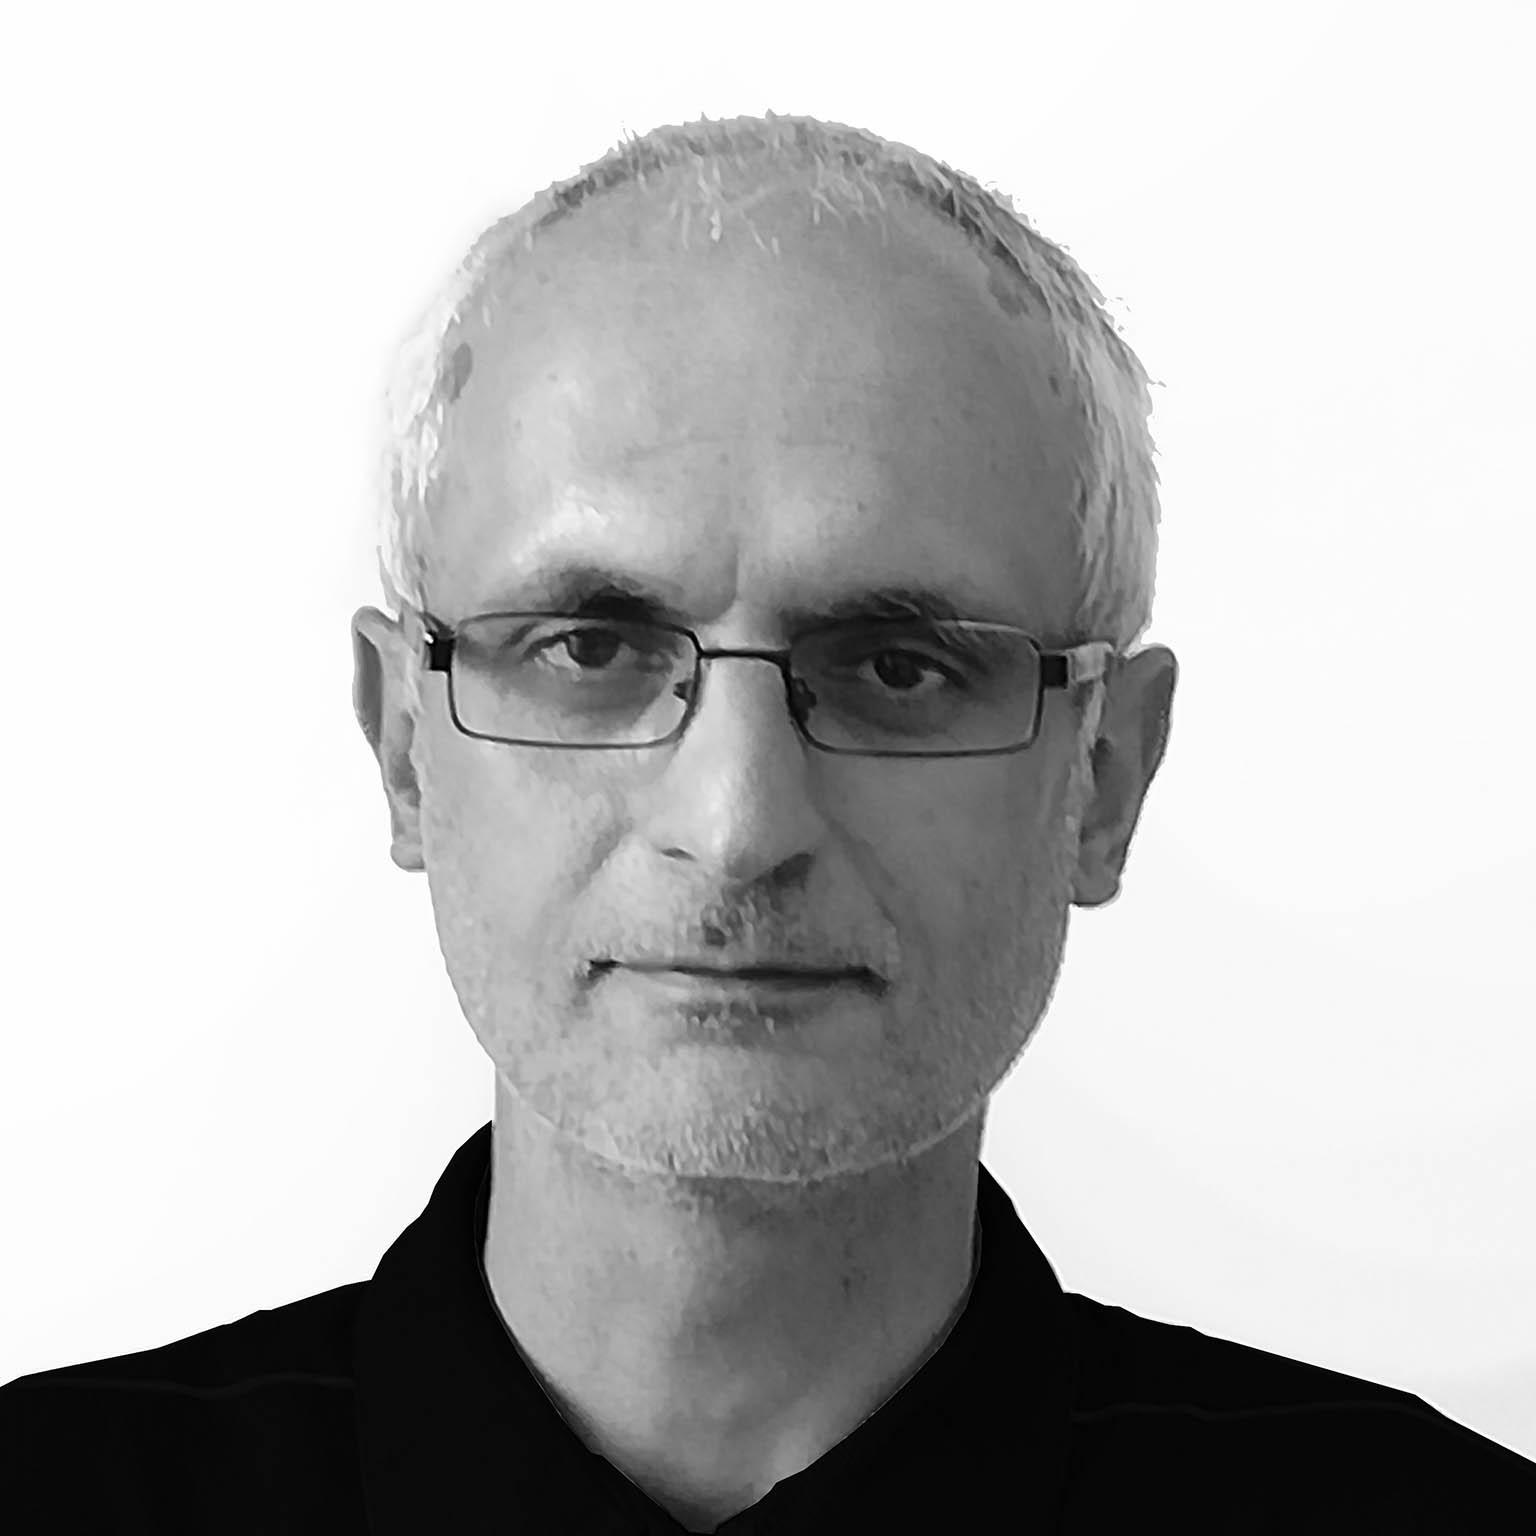 Iván Nagy